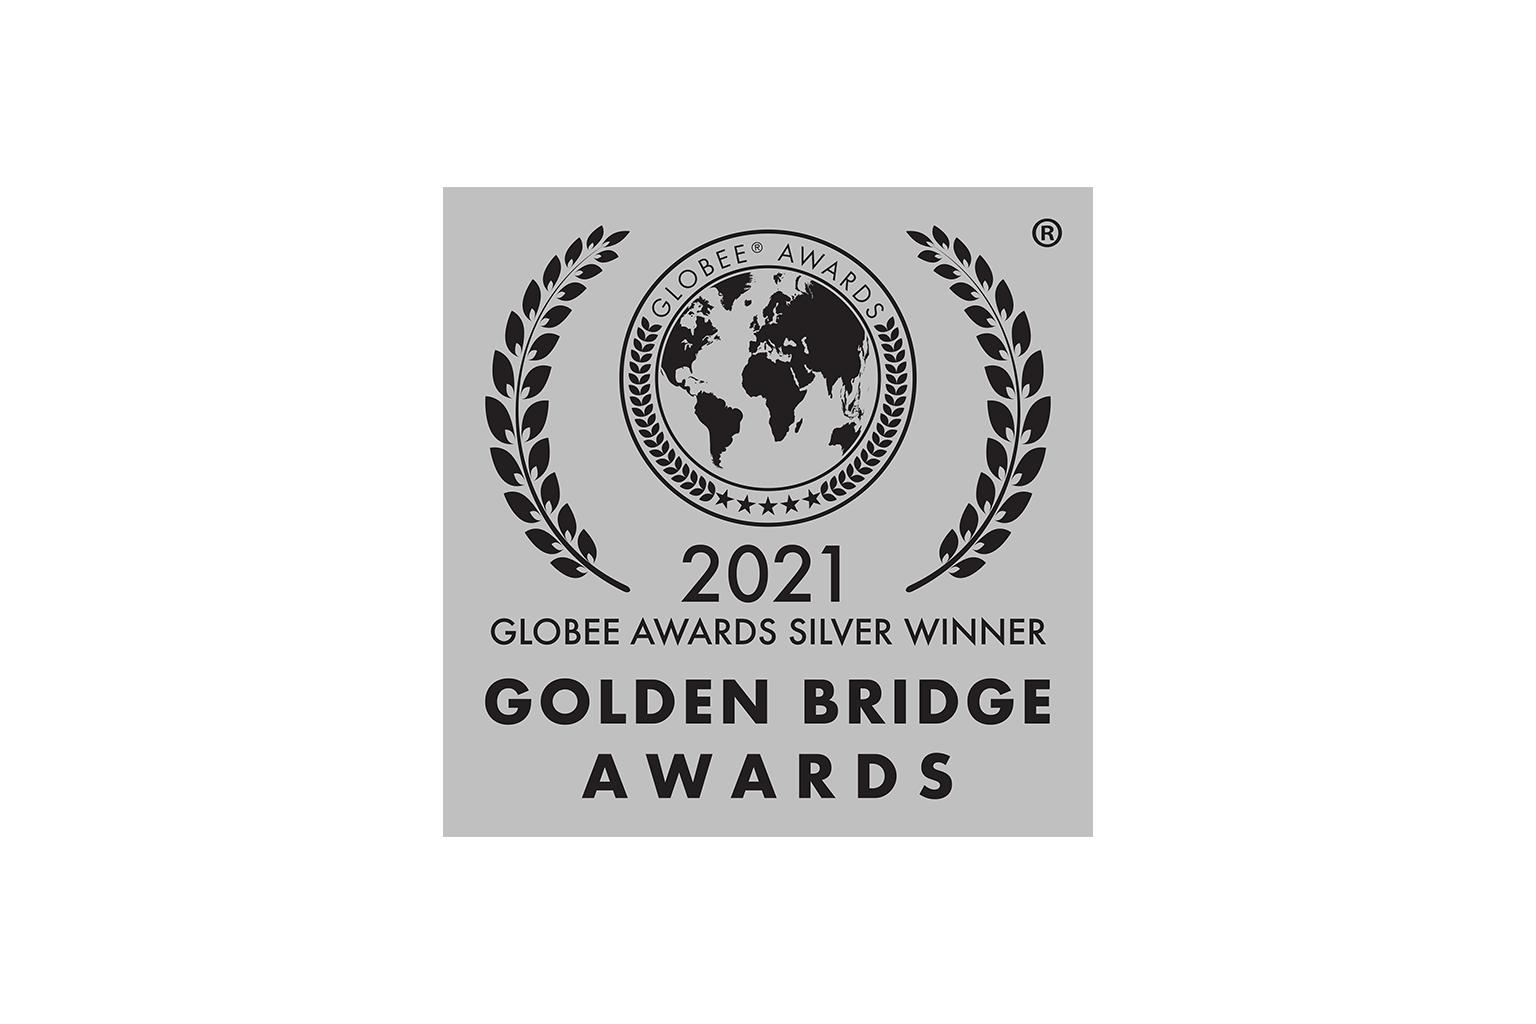 Golden Bridge Gold